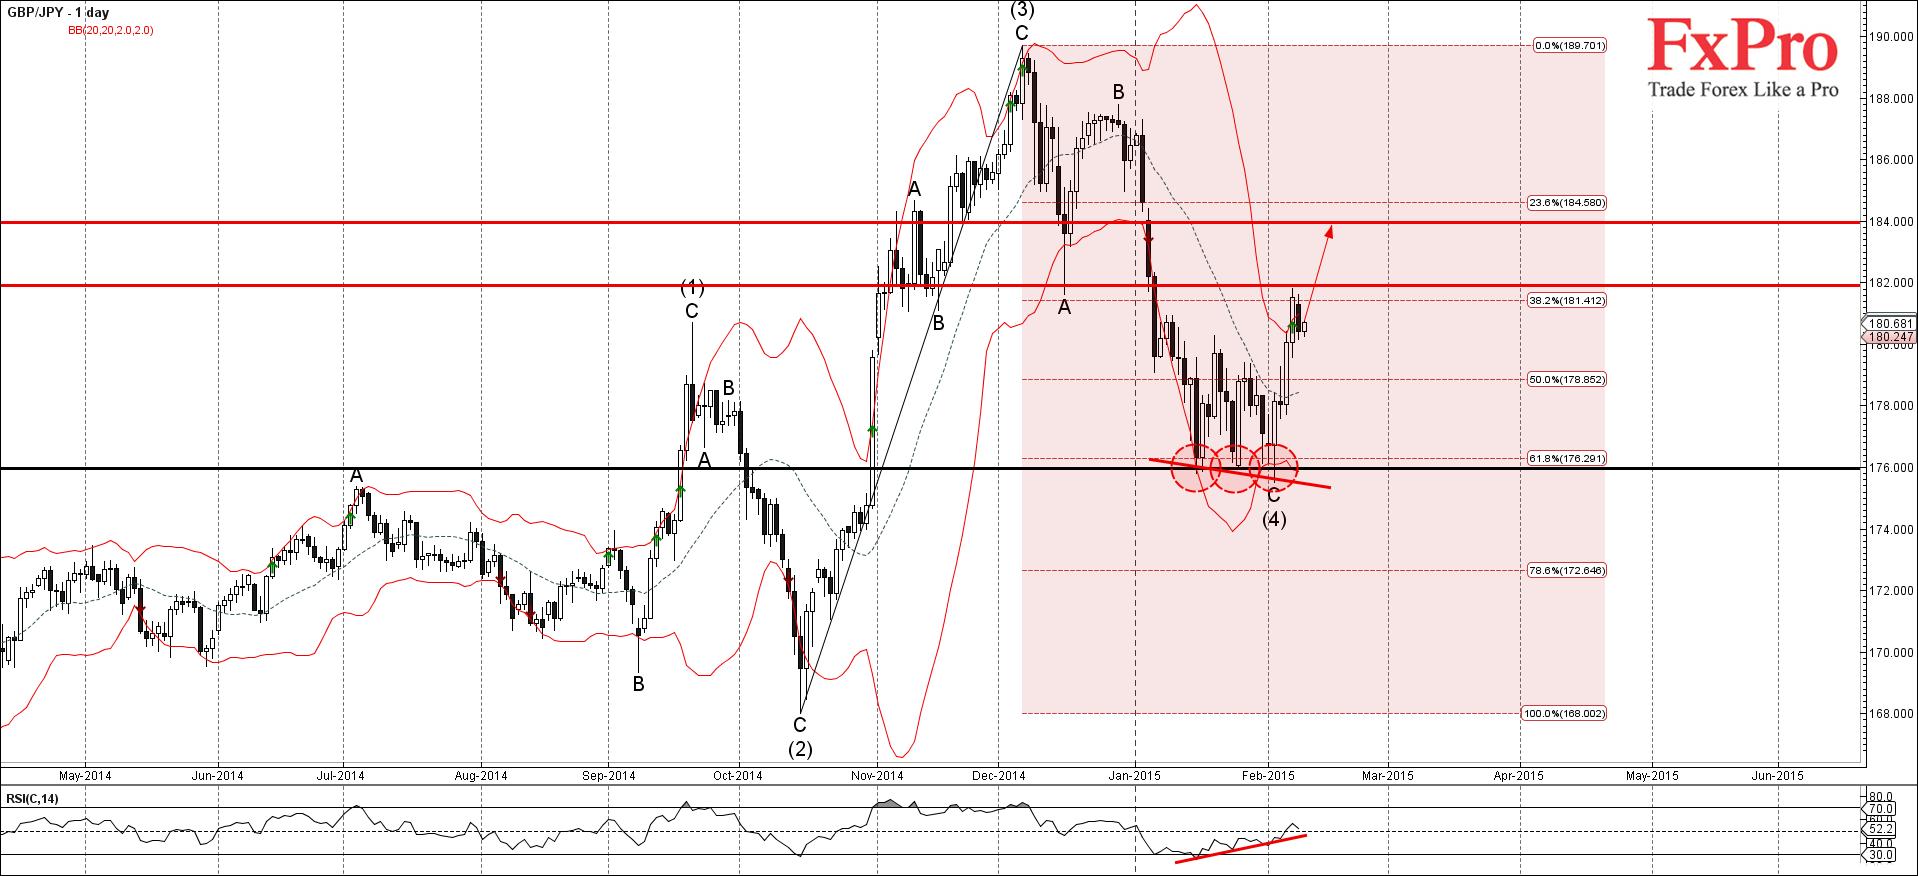 GBP/JPY растет с целями на 182 и 184